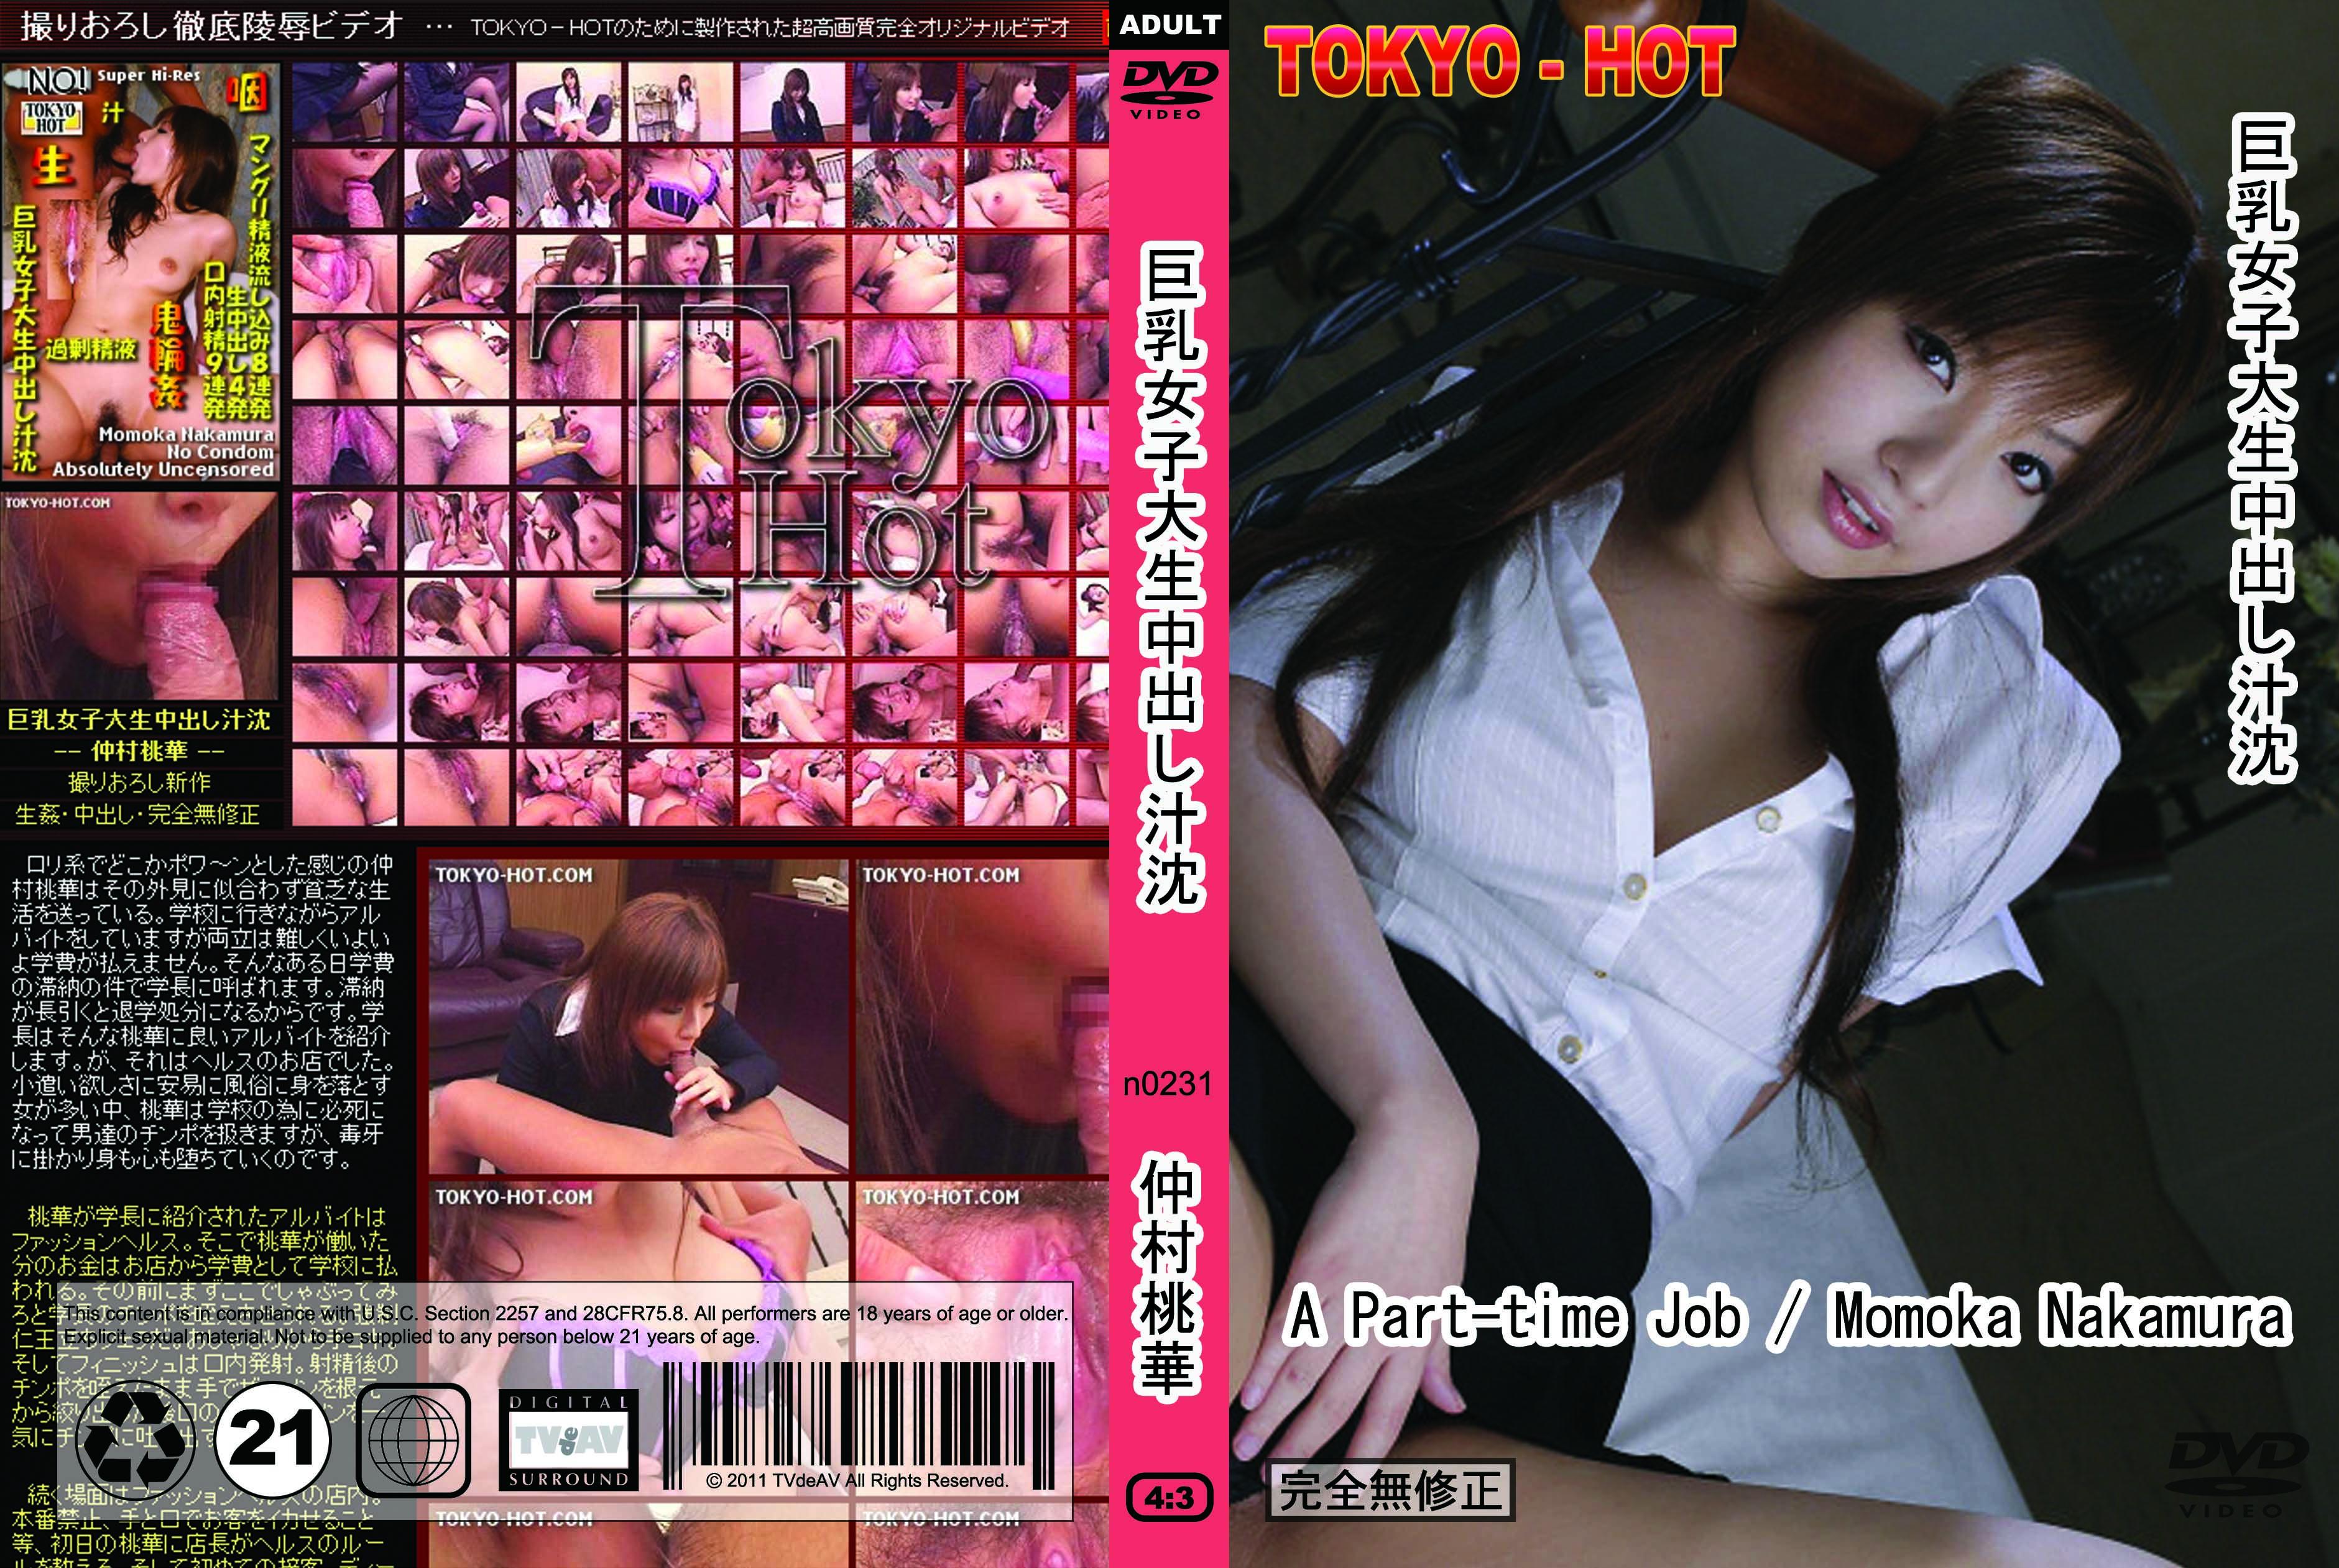 tokyo-ho